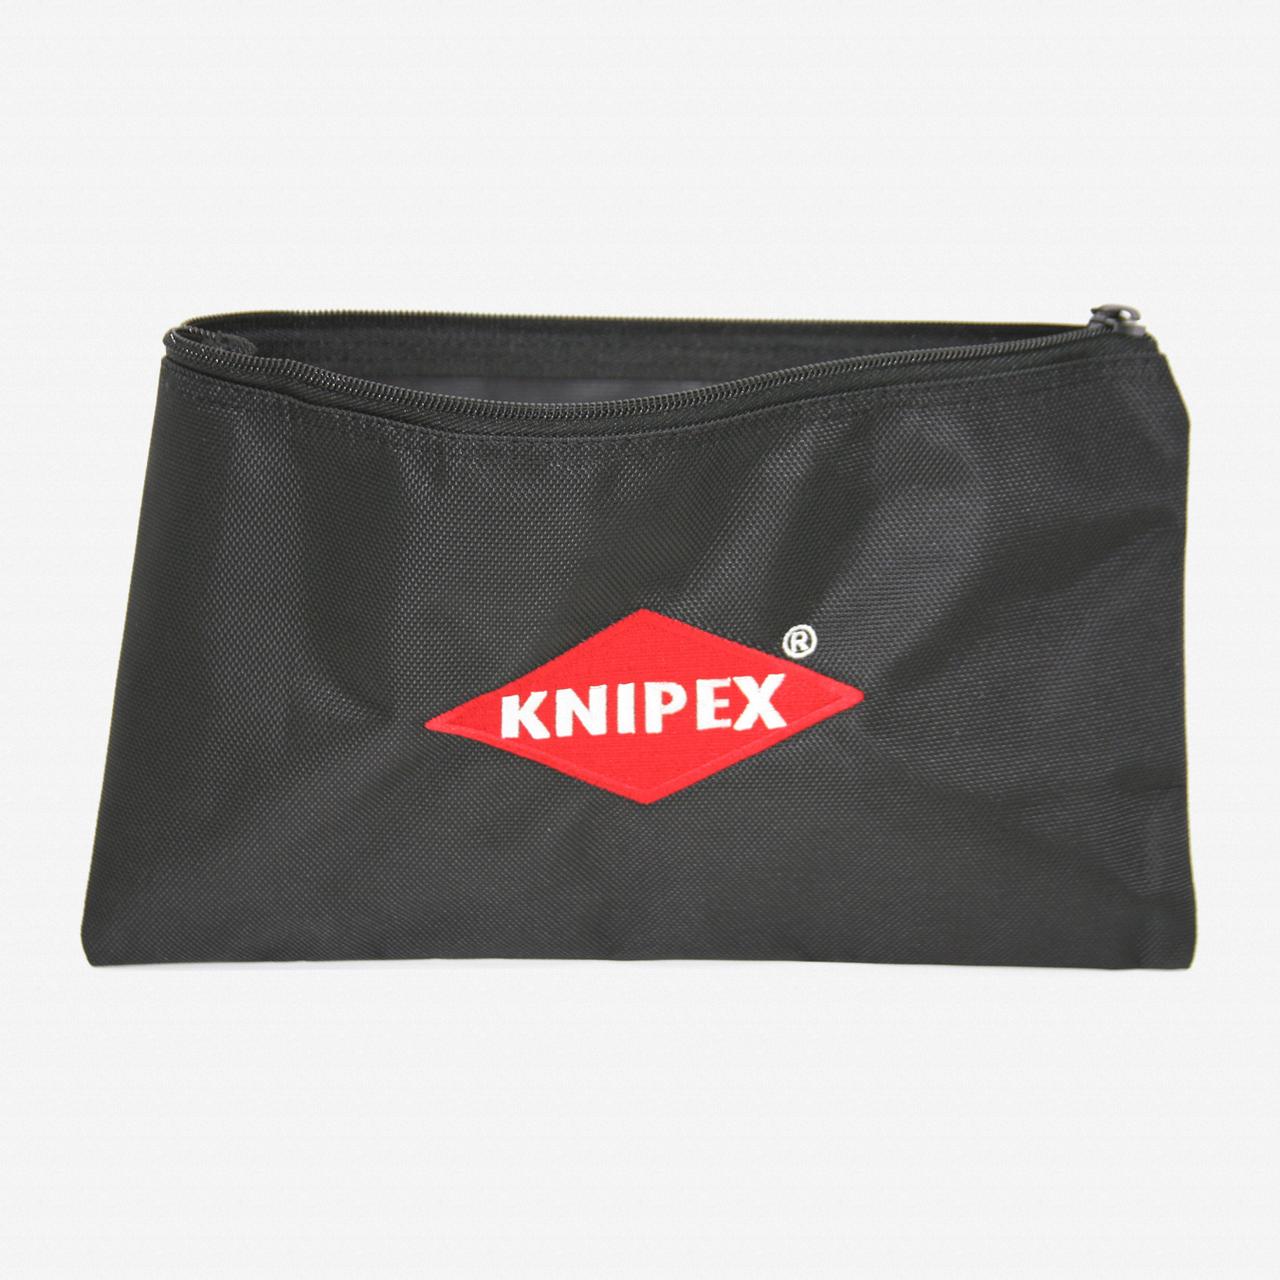 Knipex ...